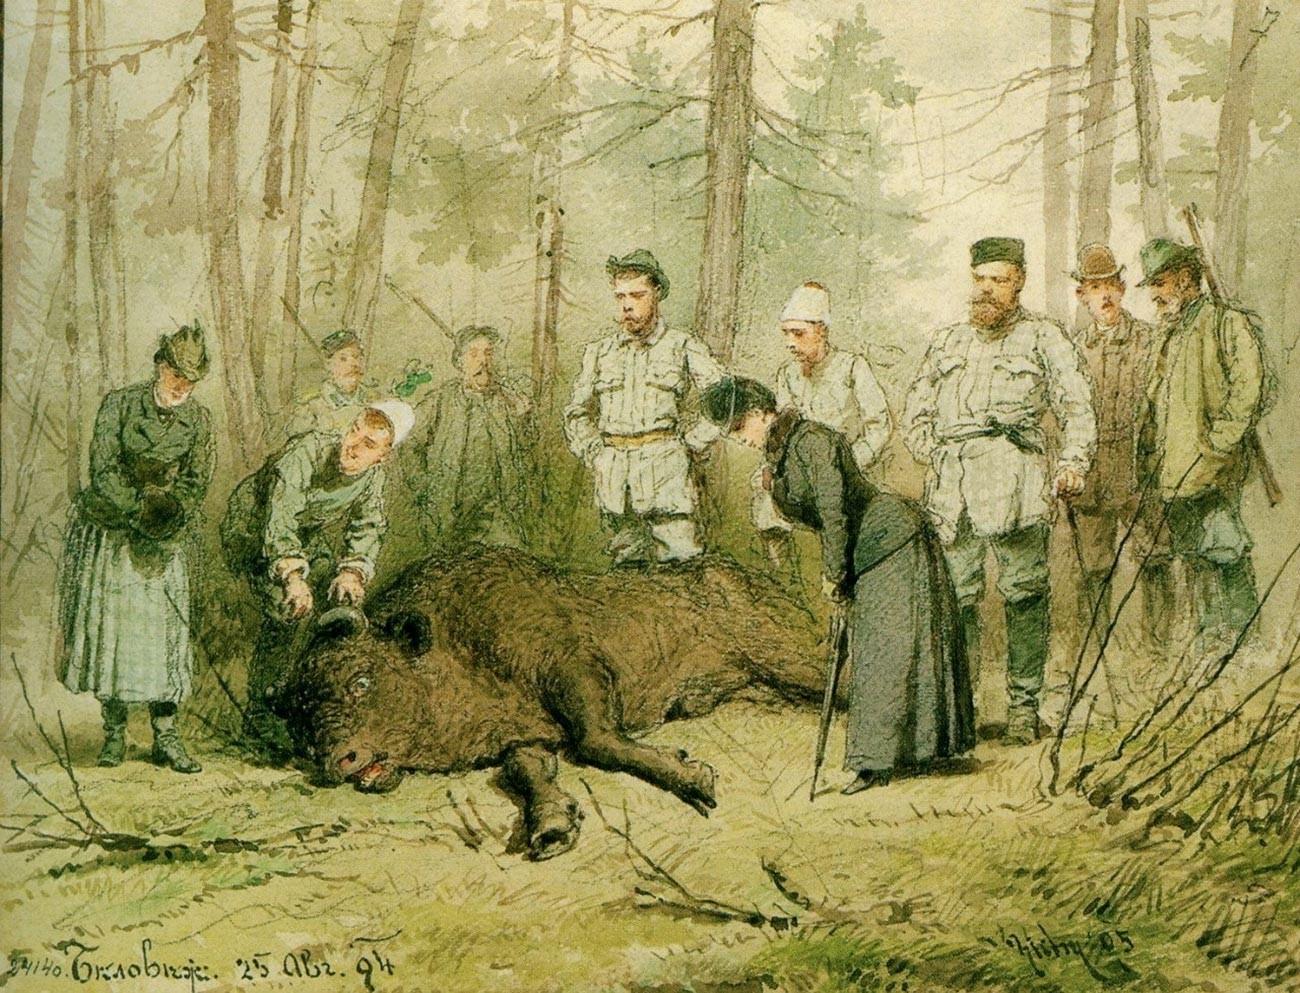 Александр III возле убитого зубра в Беловежской пуще 25 августа 1894 г.